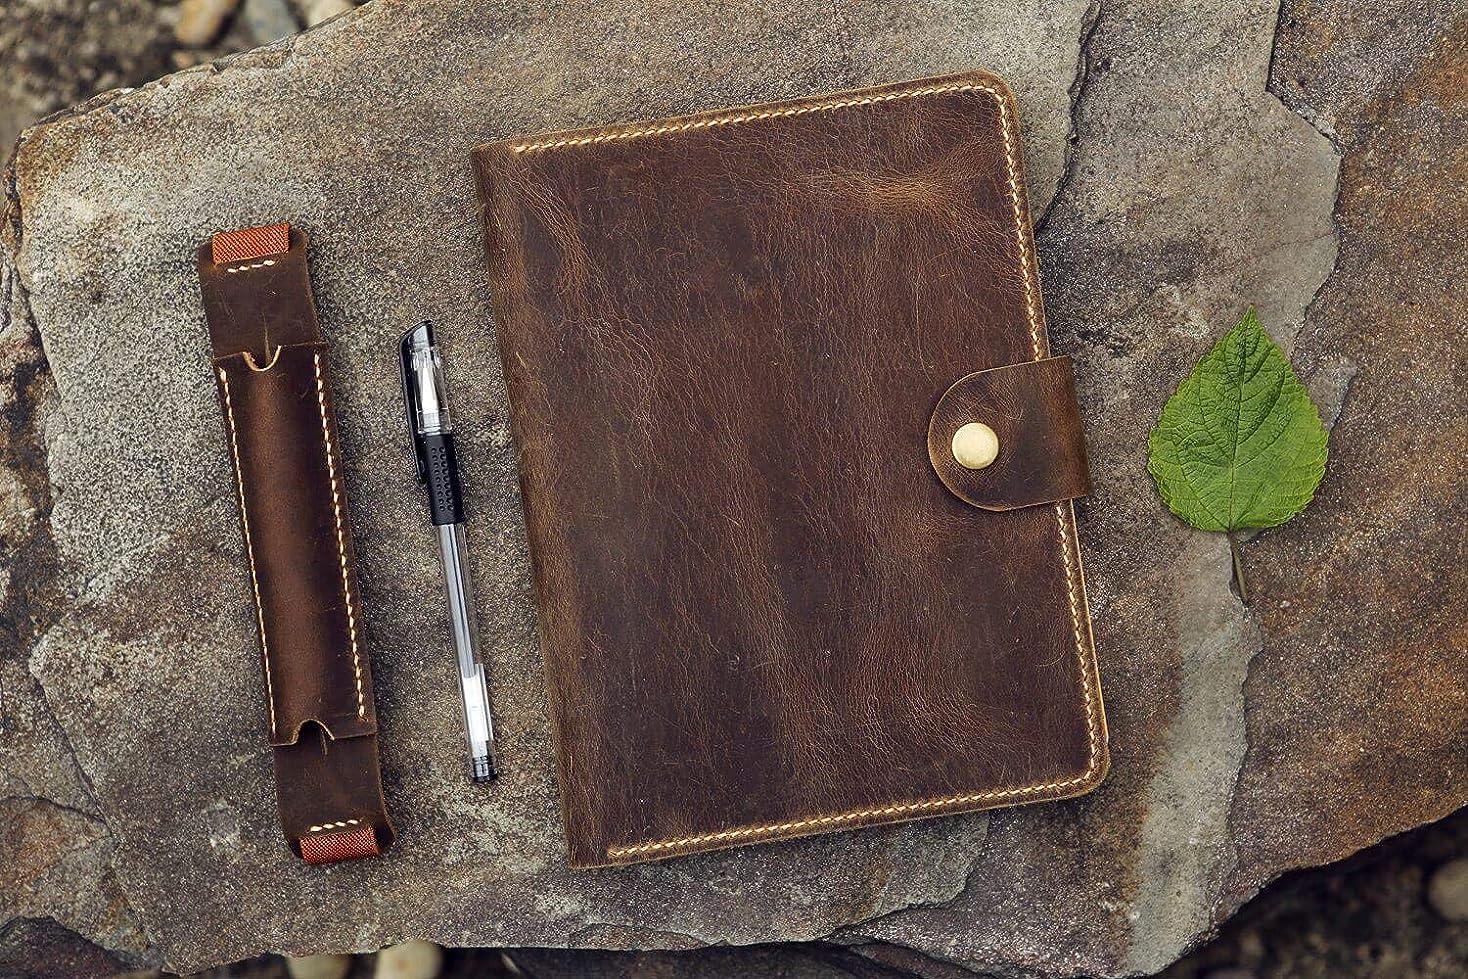 ビンテージ ロディアノート本革ケース オイルタンニンなめし牛革 レザーミーティングノートカバーポートフォリオ RHODIA Wirebound Meeting Notebook A5適用 レザーペンスリーブ付き NRA5P05S-WP